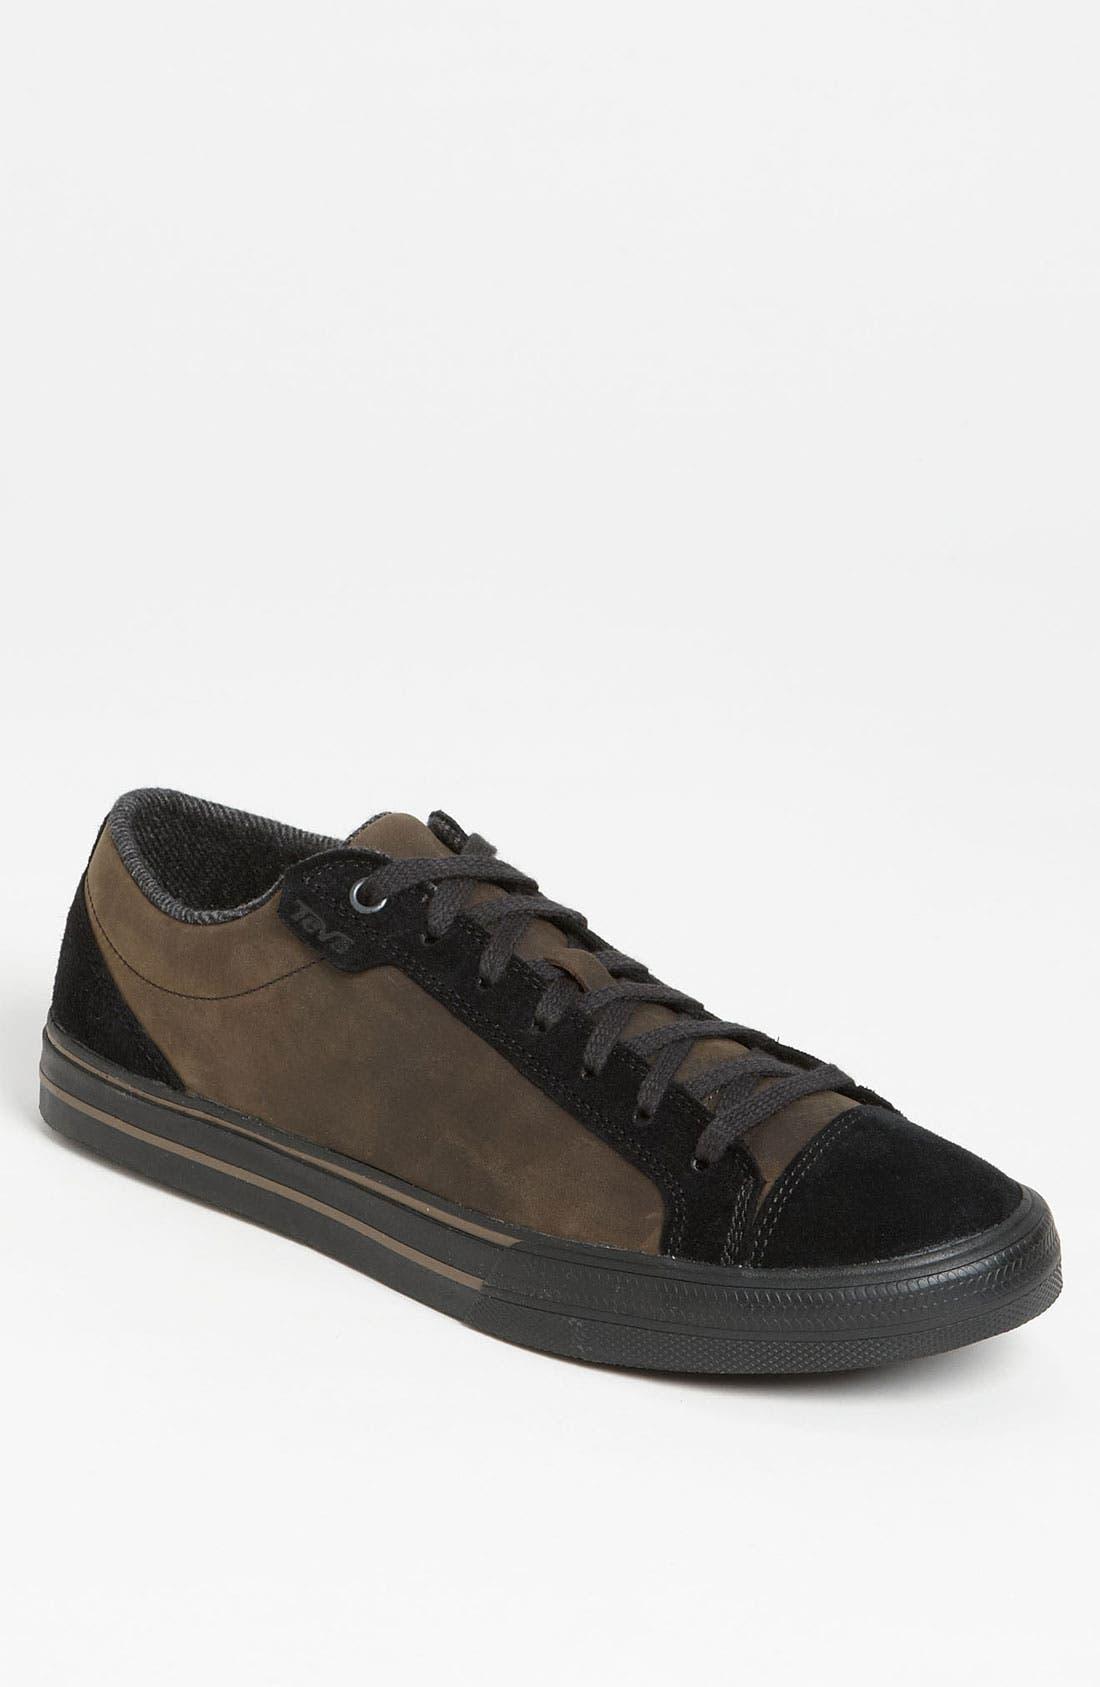 Main Image - Teva 'Roller' Sneaker (Online Only)